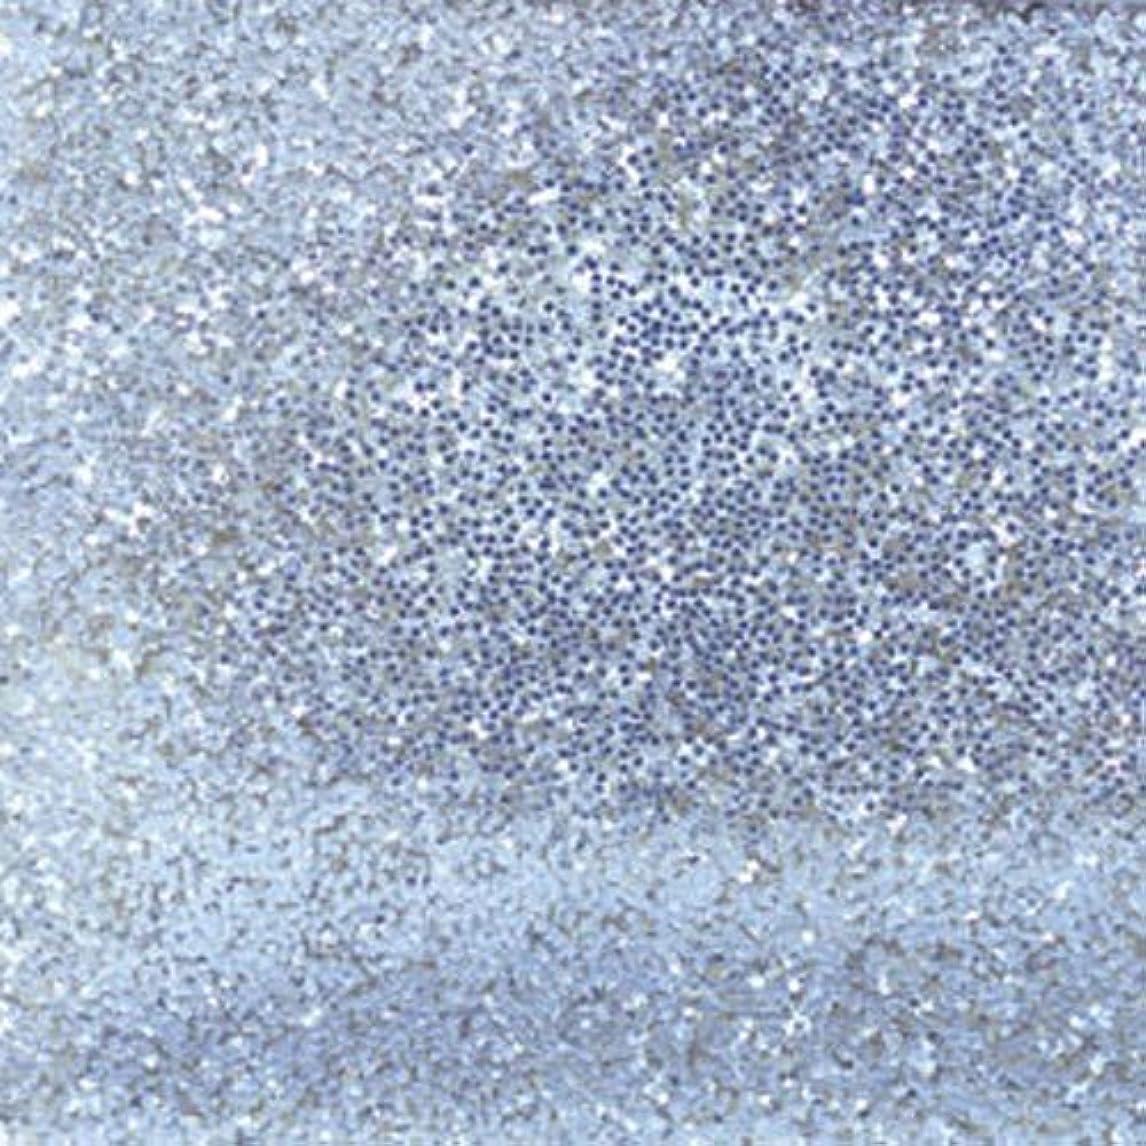 シネウィわかりやすいエンディングピカエース ネイル用パウダー ラメシャインN M #331 シルバー 0.7g